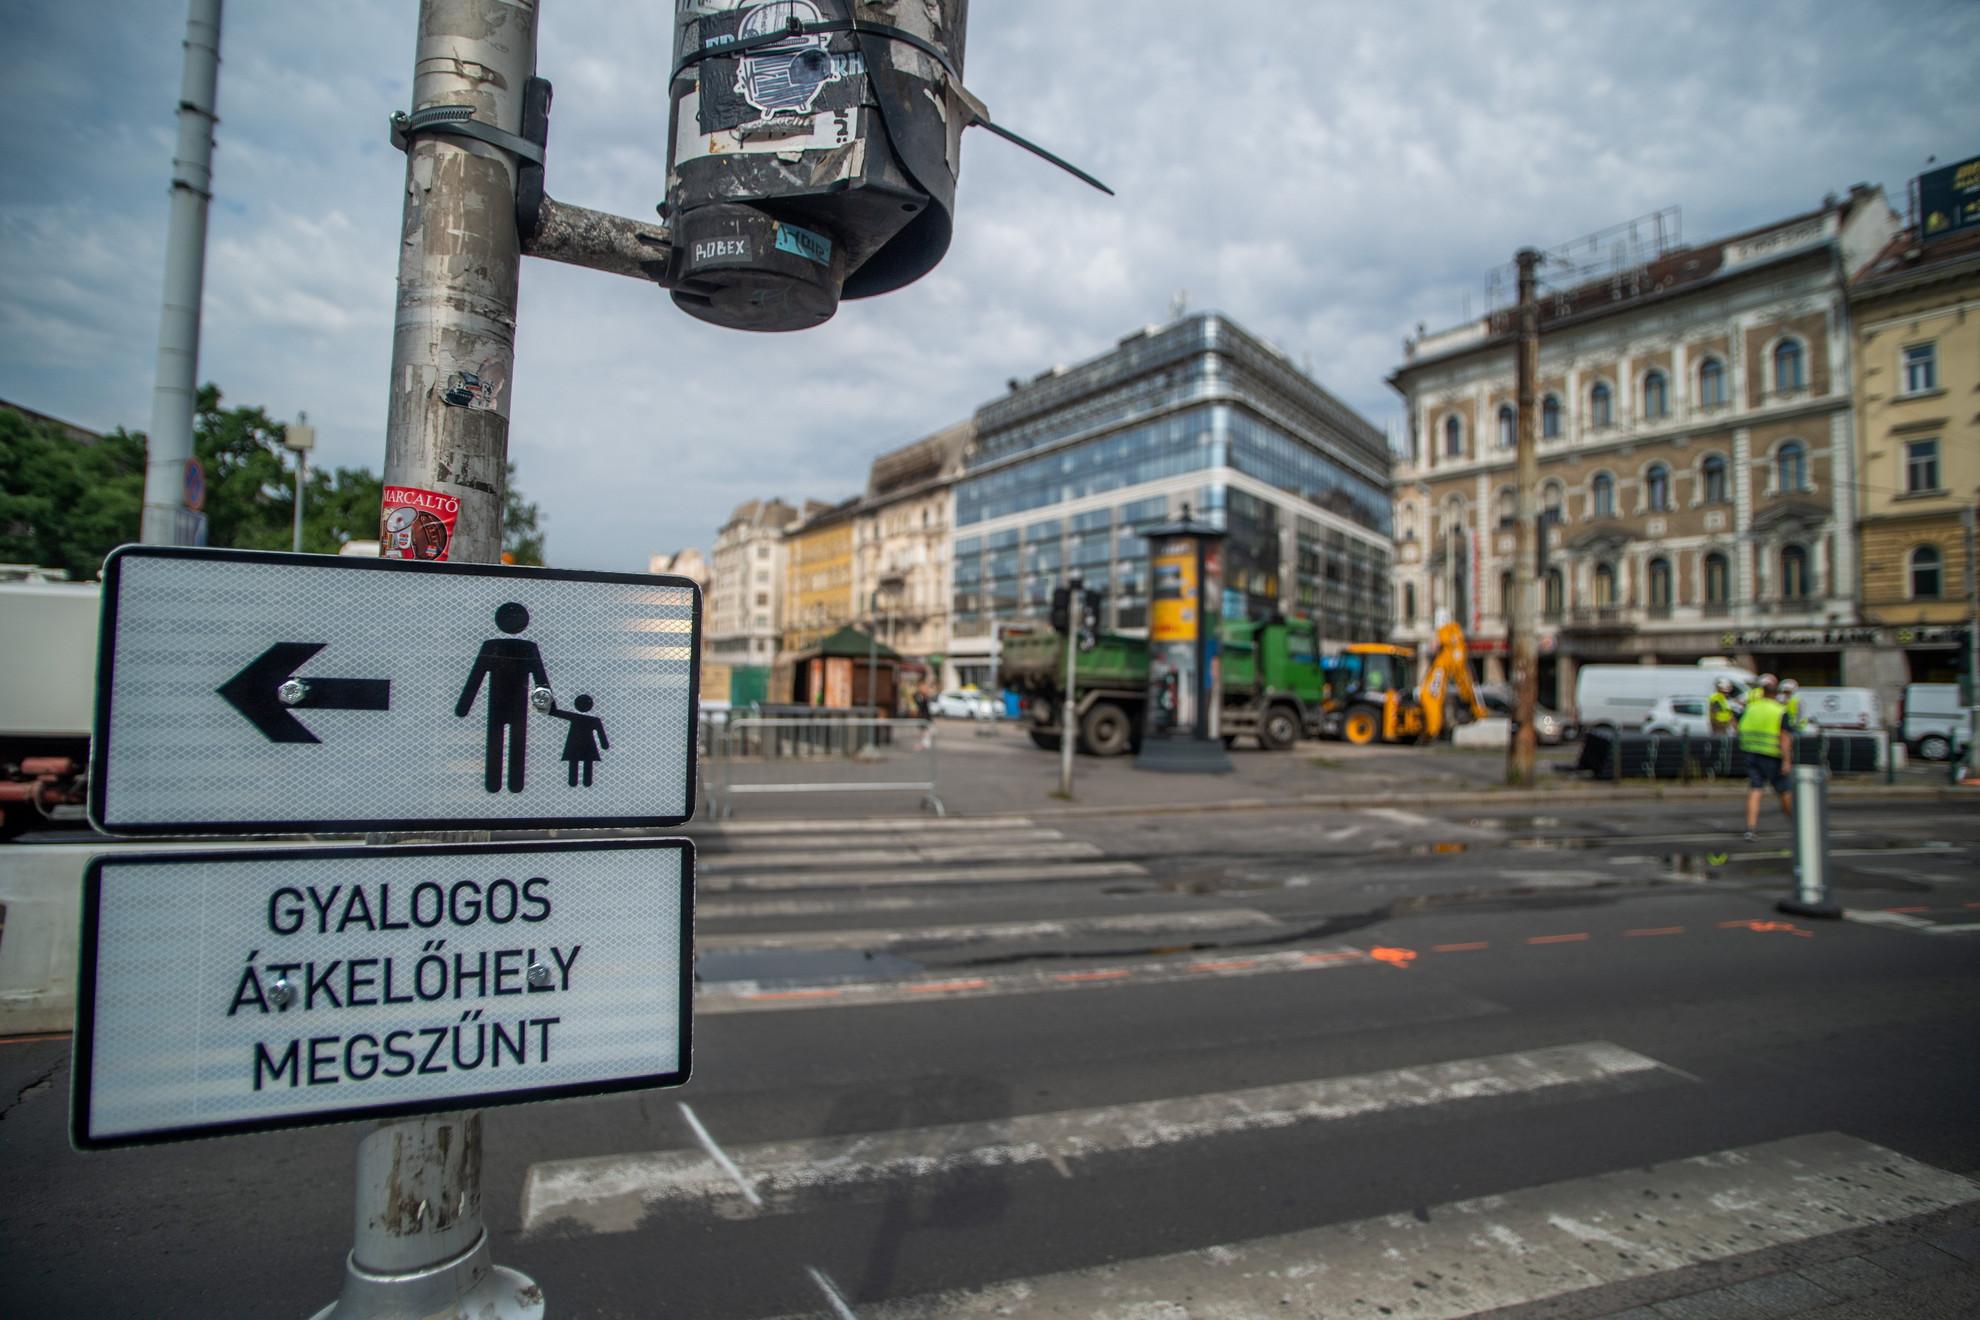 Gyalagos átkelőhely megszűnésére figyelmeztető tábla a felújítás alatt álló fővárosi Blaha Lujza térnél